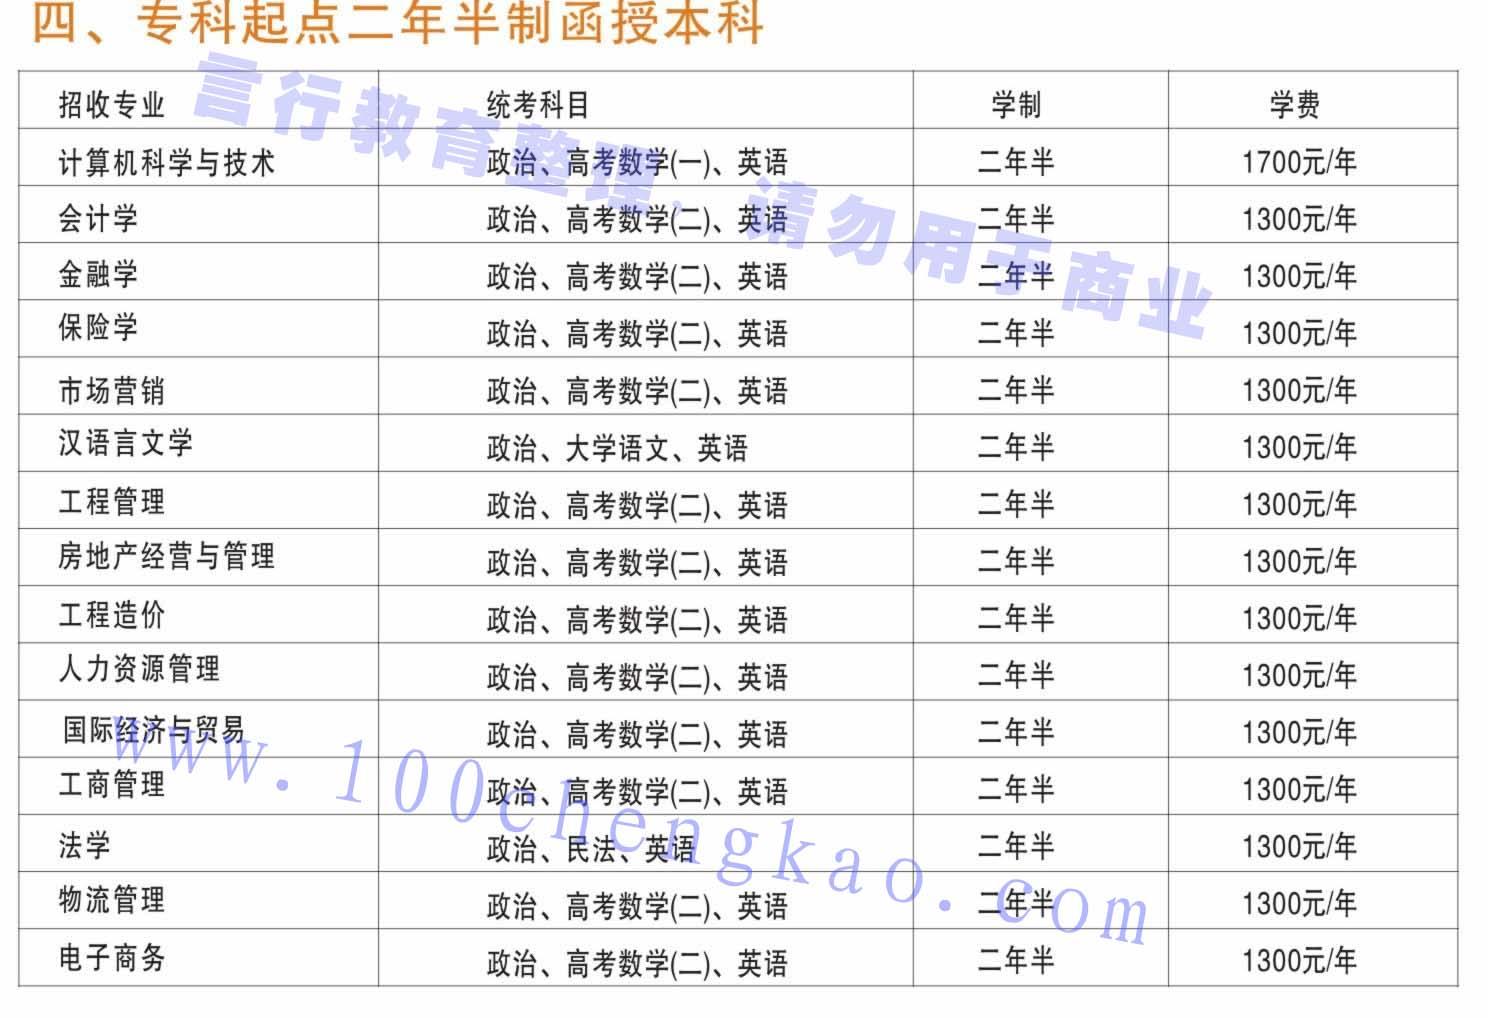 河南财经政法大学成人高考函授专升本招生专业.jpg